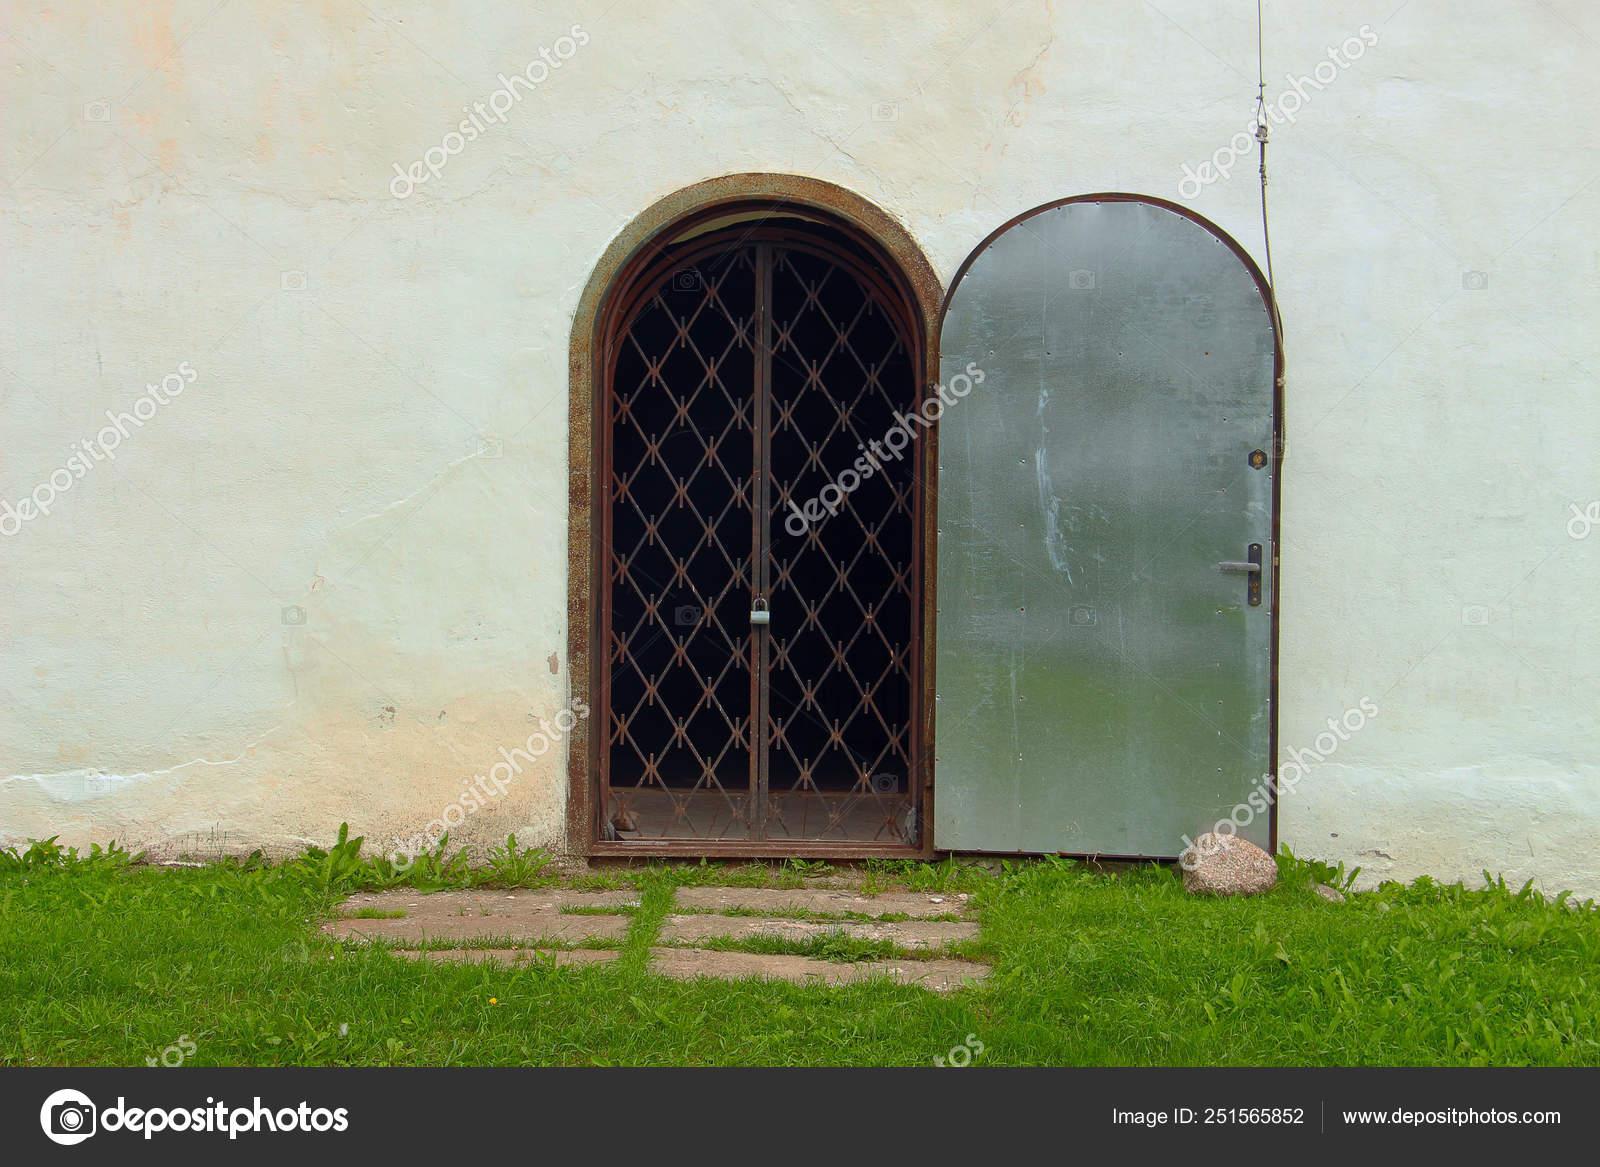 старая железная дверь ржавыми гриль закрыт висячего замка